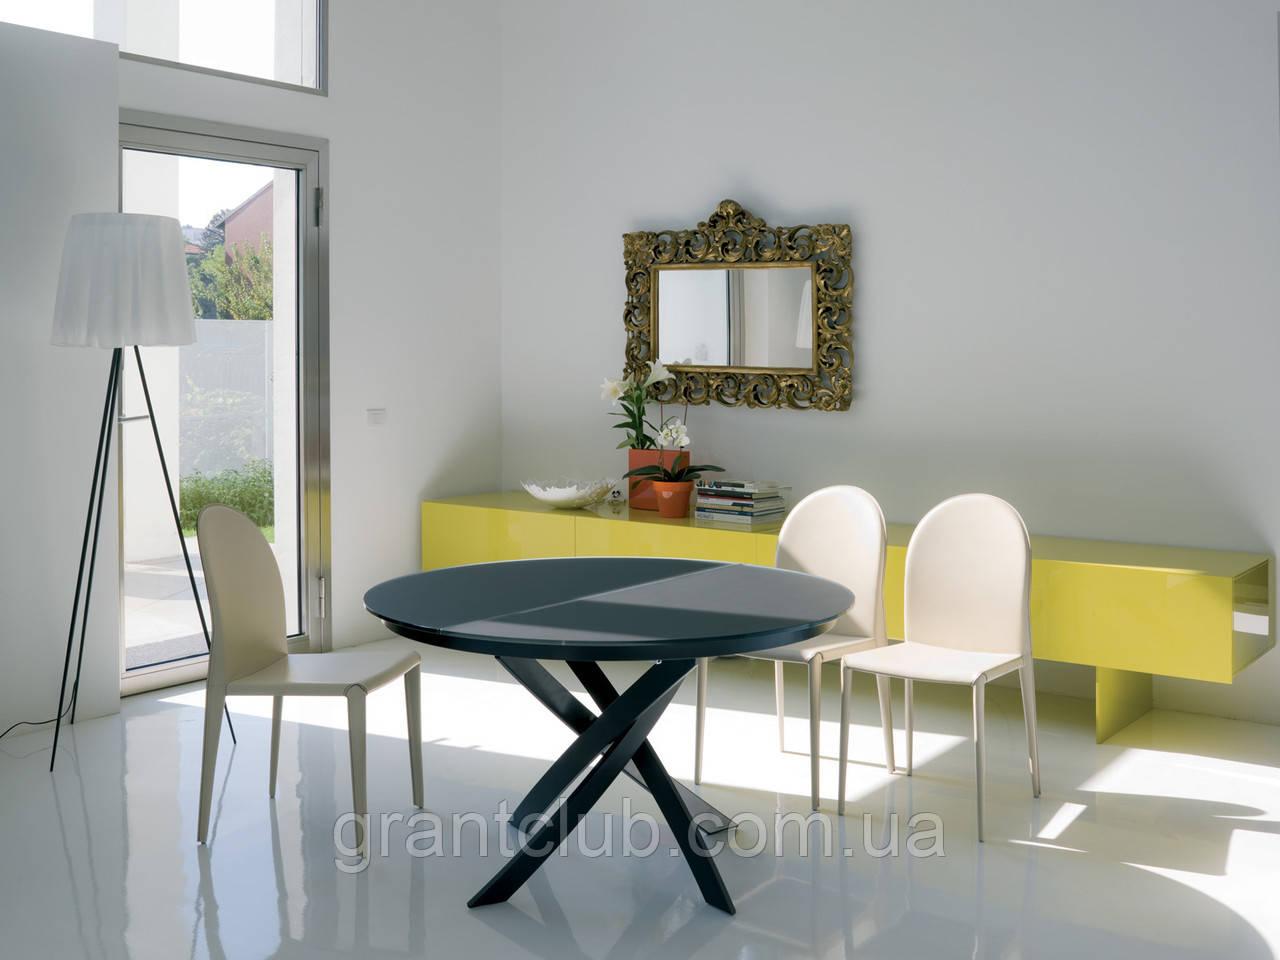 Круглый раскладной стеклянный стол BARONE 122 см фабрики BONTEMPI (Италия)